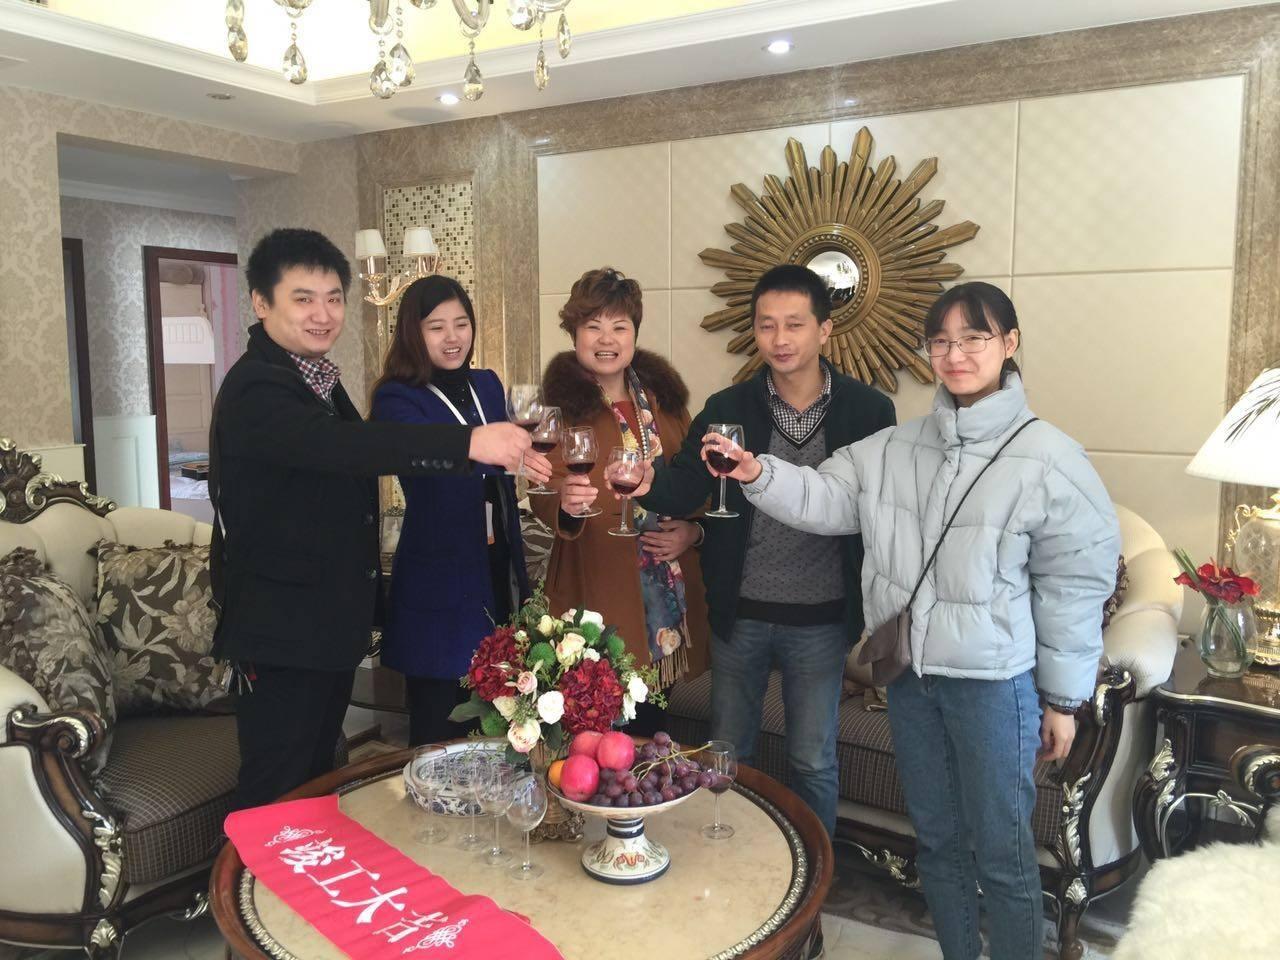 江苏快3网上信誉平台_江苏快3网上投注网站客户锦旗